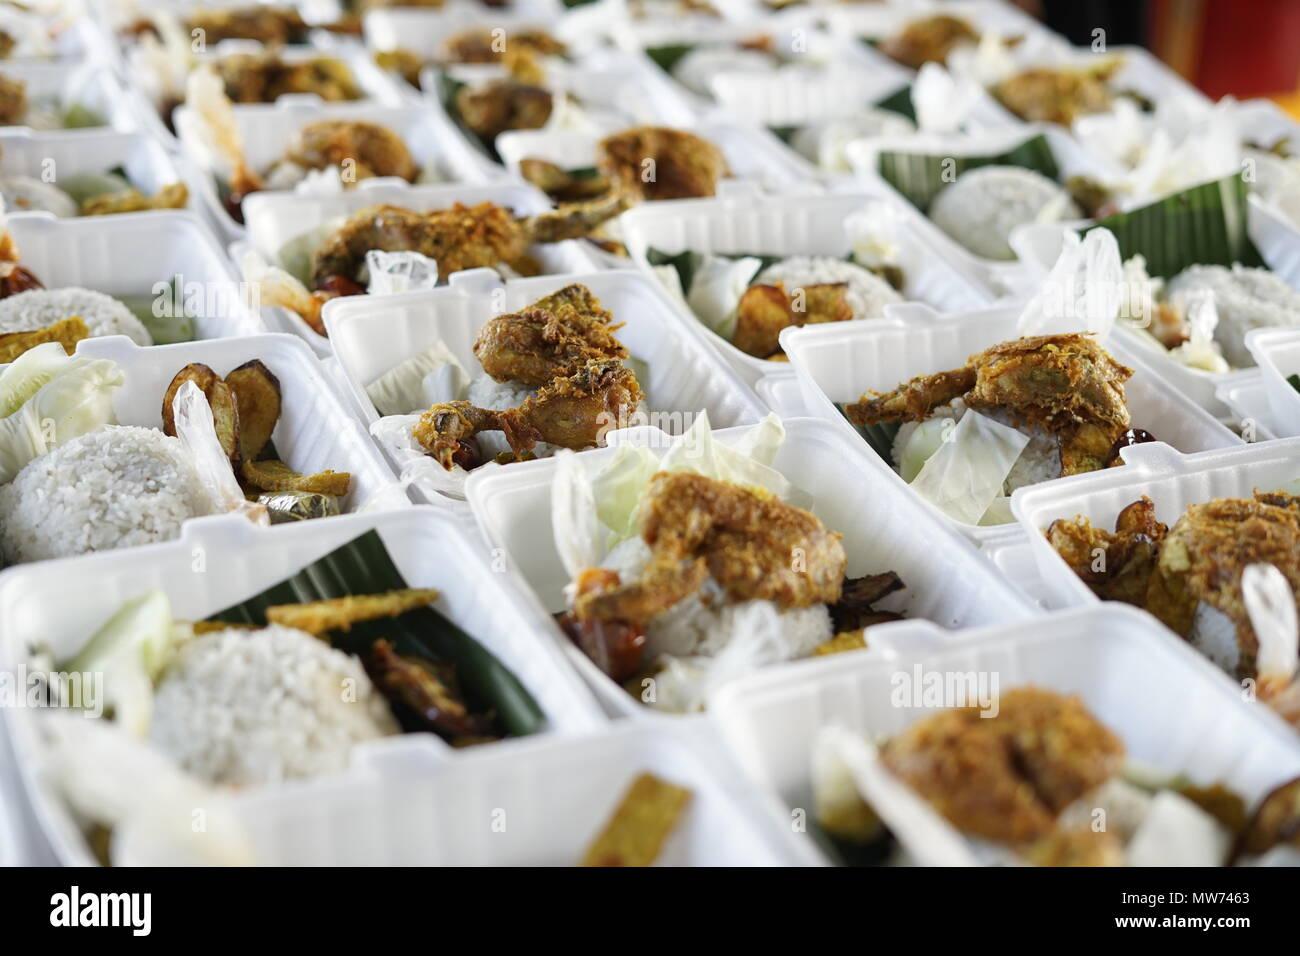 La vente du vendeur de poulet frit croustillant au cours de mois de jeûne à commercialiser des aliments de rue à Banda Aceh, Indonésie Photo Stock